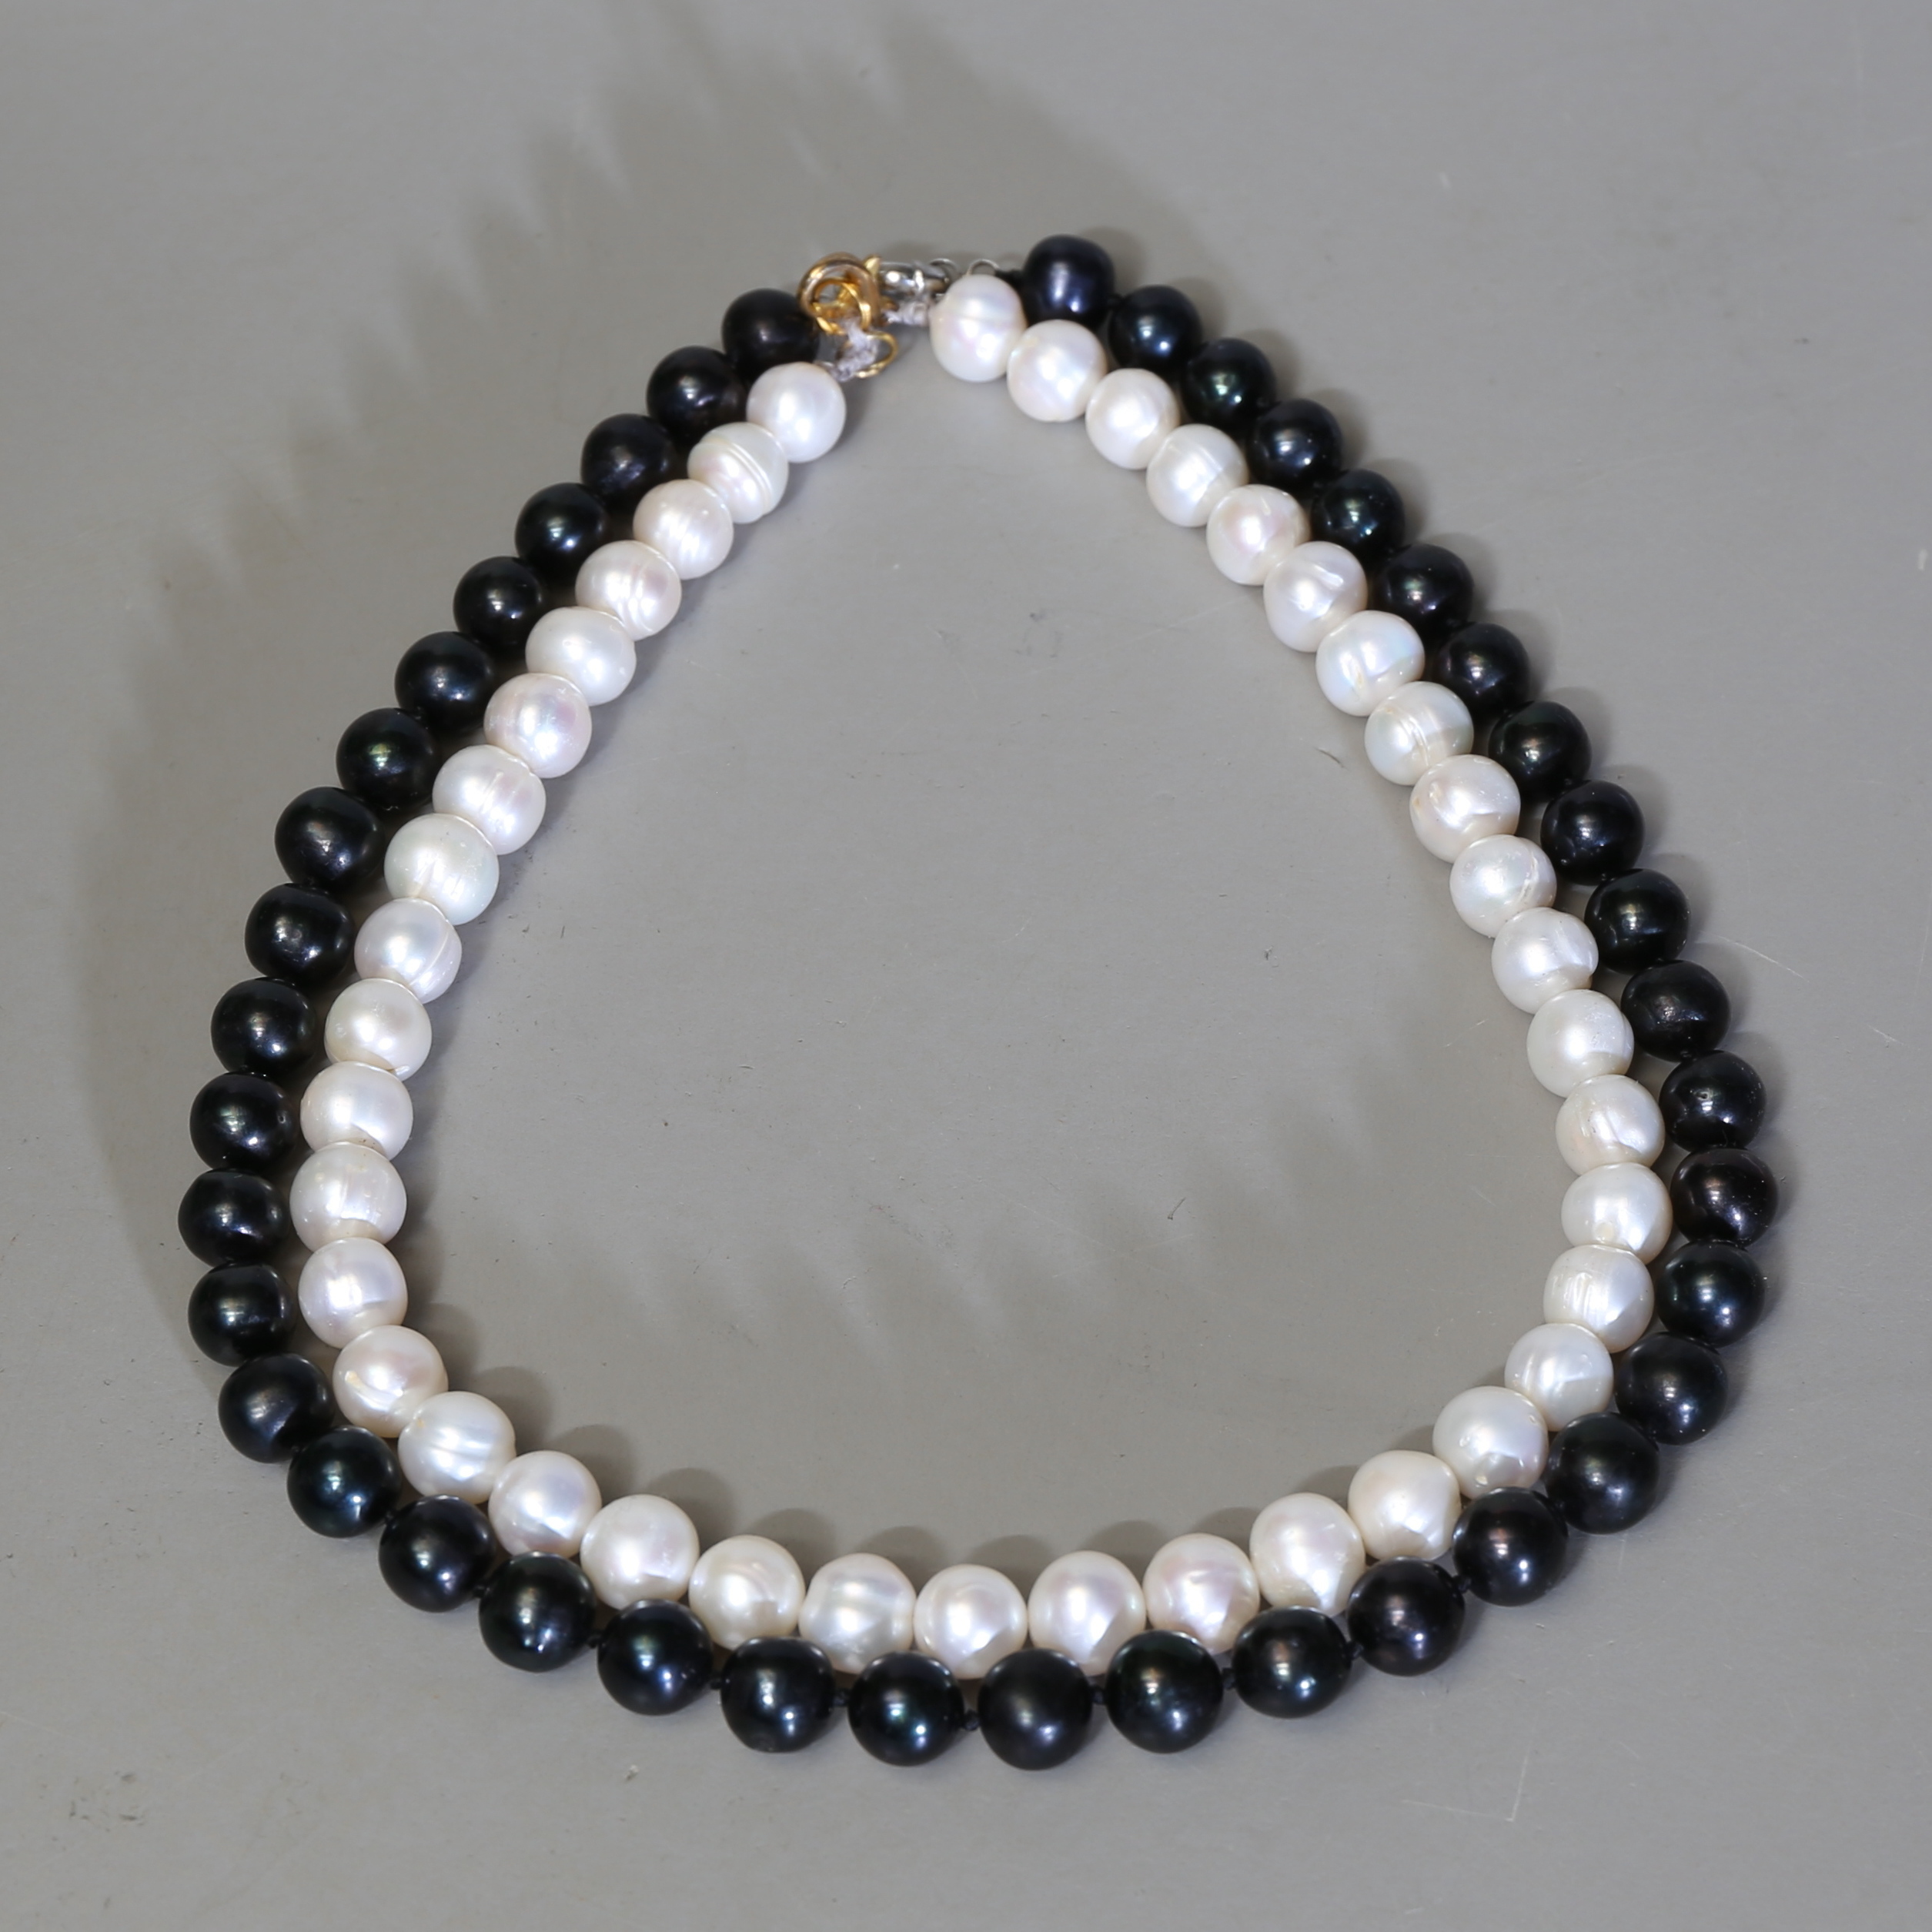 Halsband Odlade Parlor Svart O Vit Jewellery Gemstones